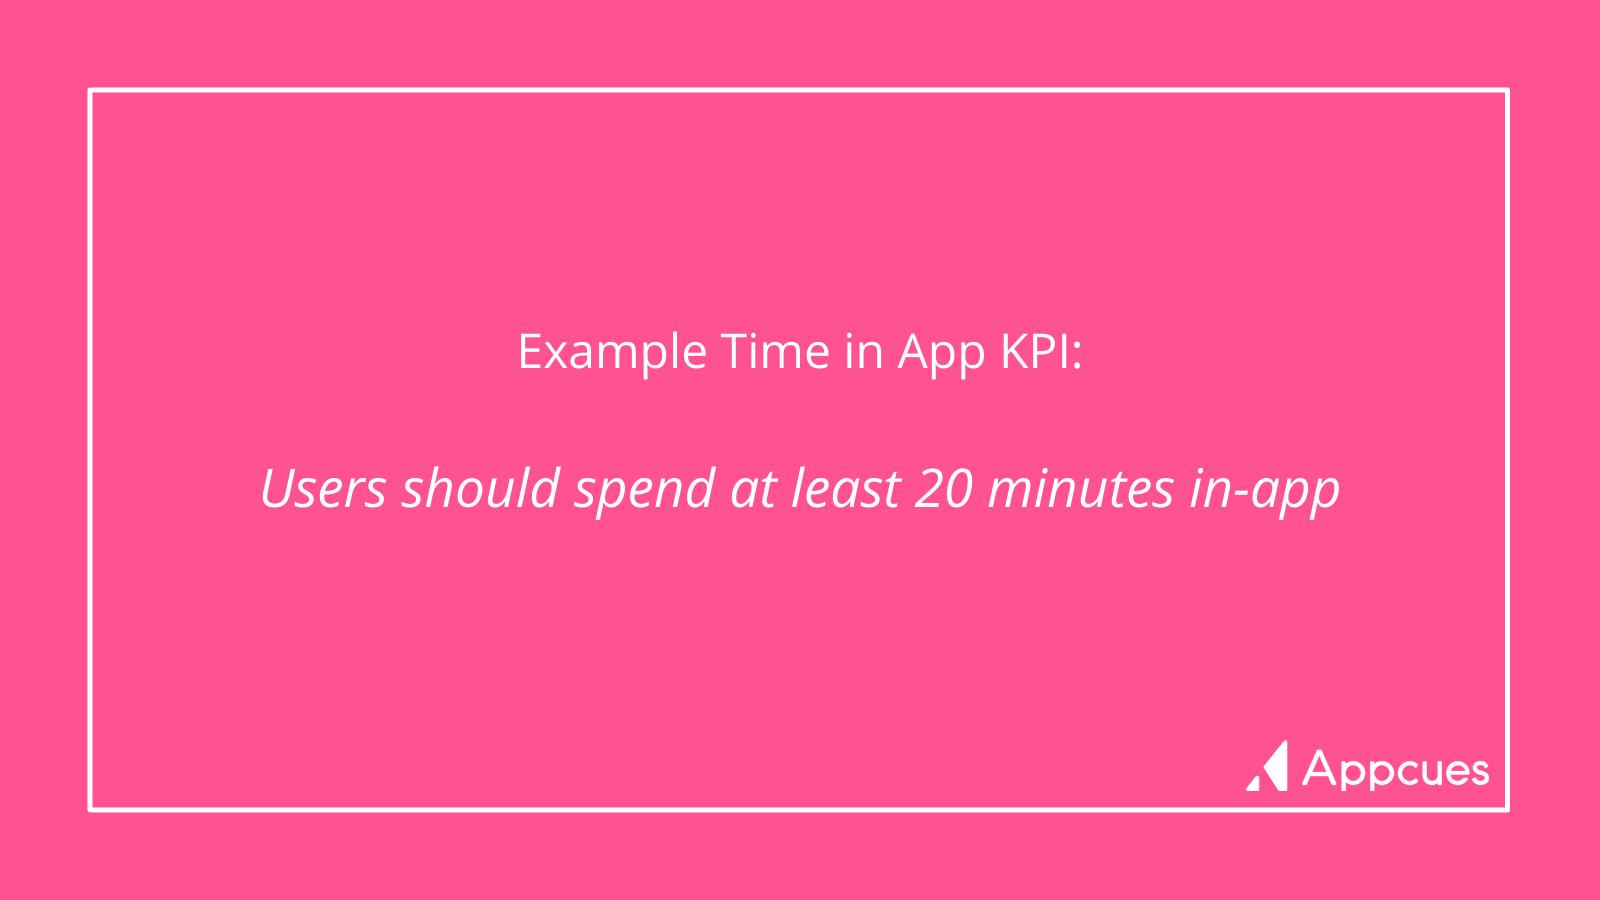 Example Time in App KPI